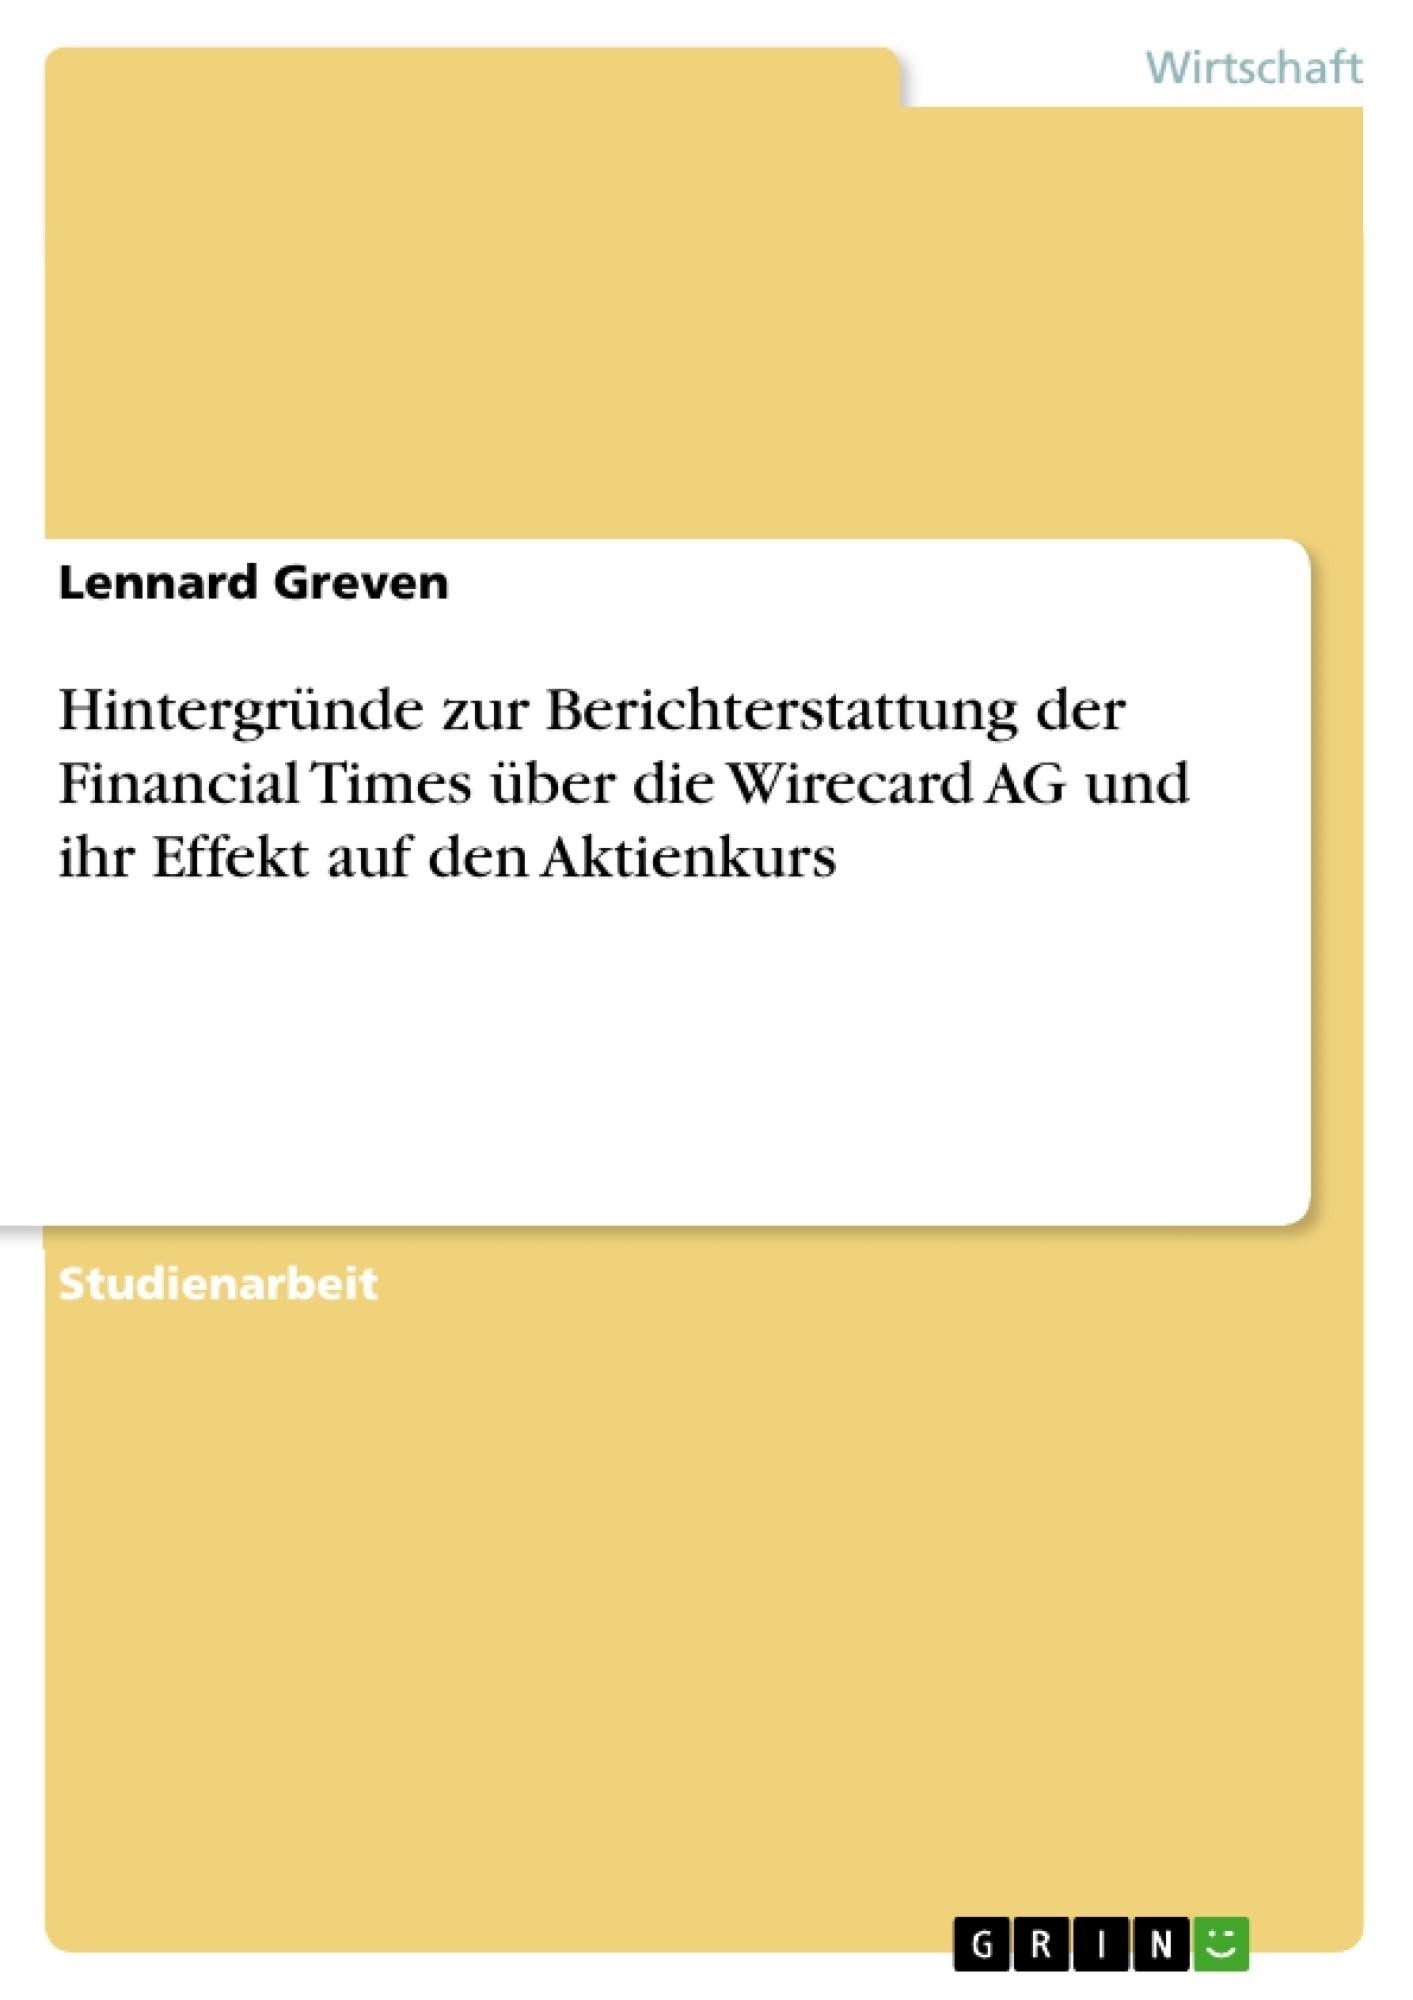 Titel: Hintergründe zur Berichterstattung der Financial Times über die Wirecard AG und ihr Effekt auf den Aktienkurs